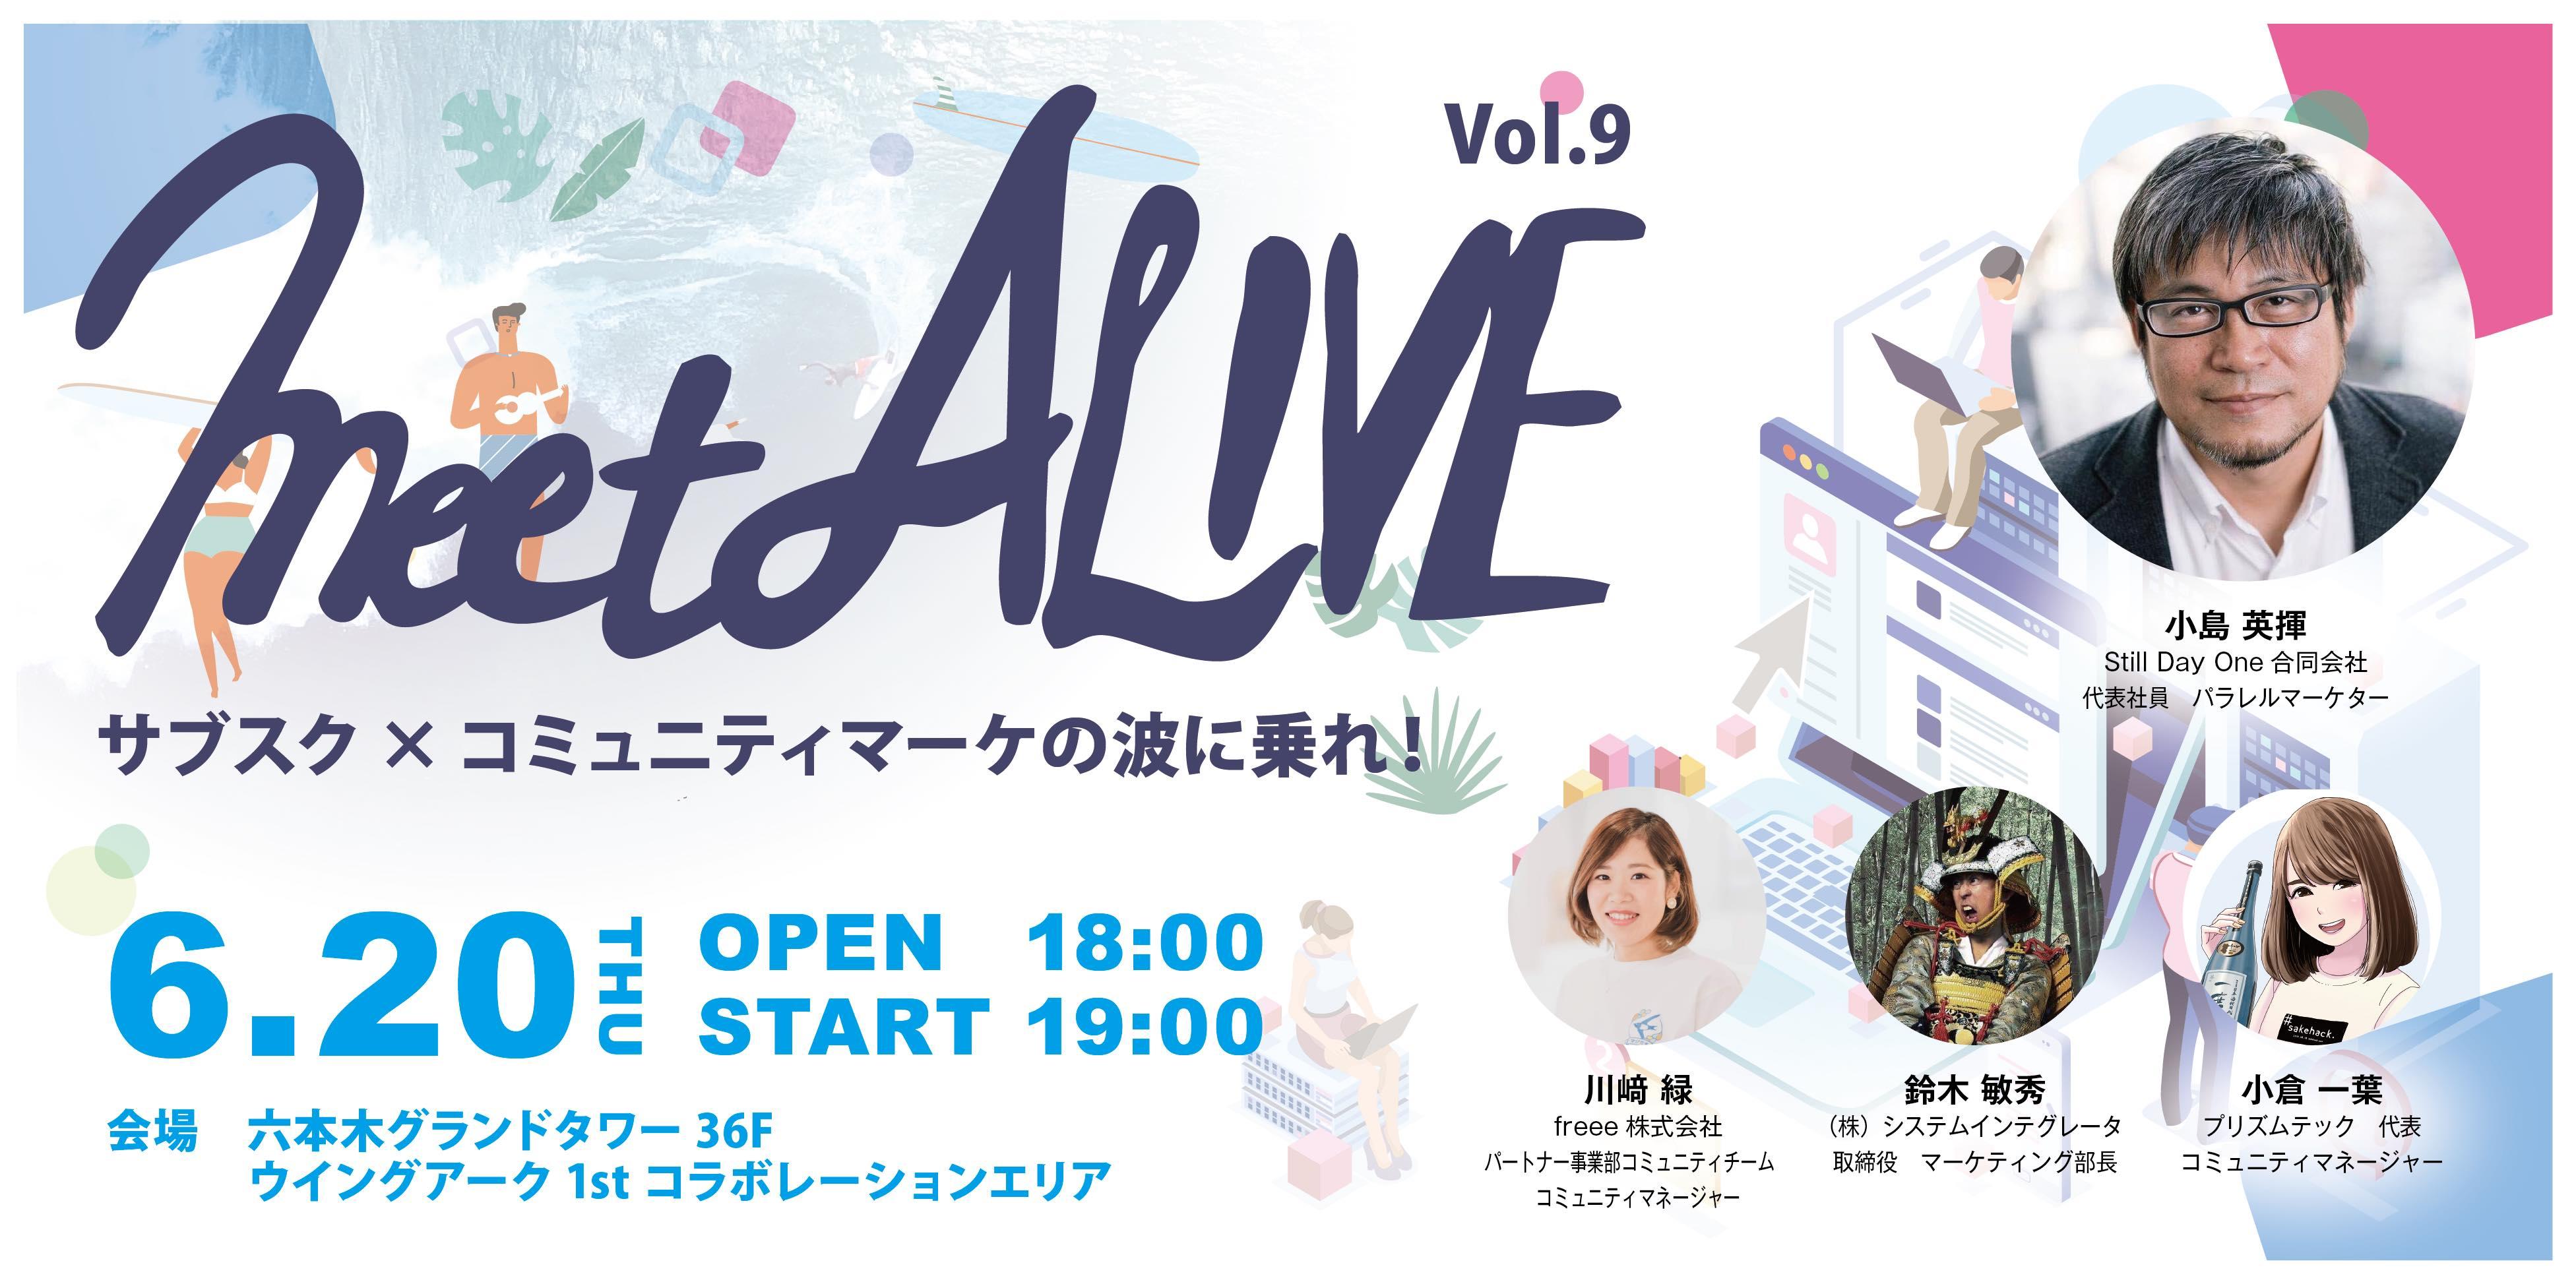 6月20日第9回ビジネスネットワーク委員会 meetALIVE vol.9「サブスク×コミュニティマーケの波に乗れ!」